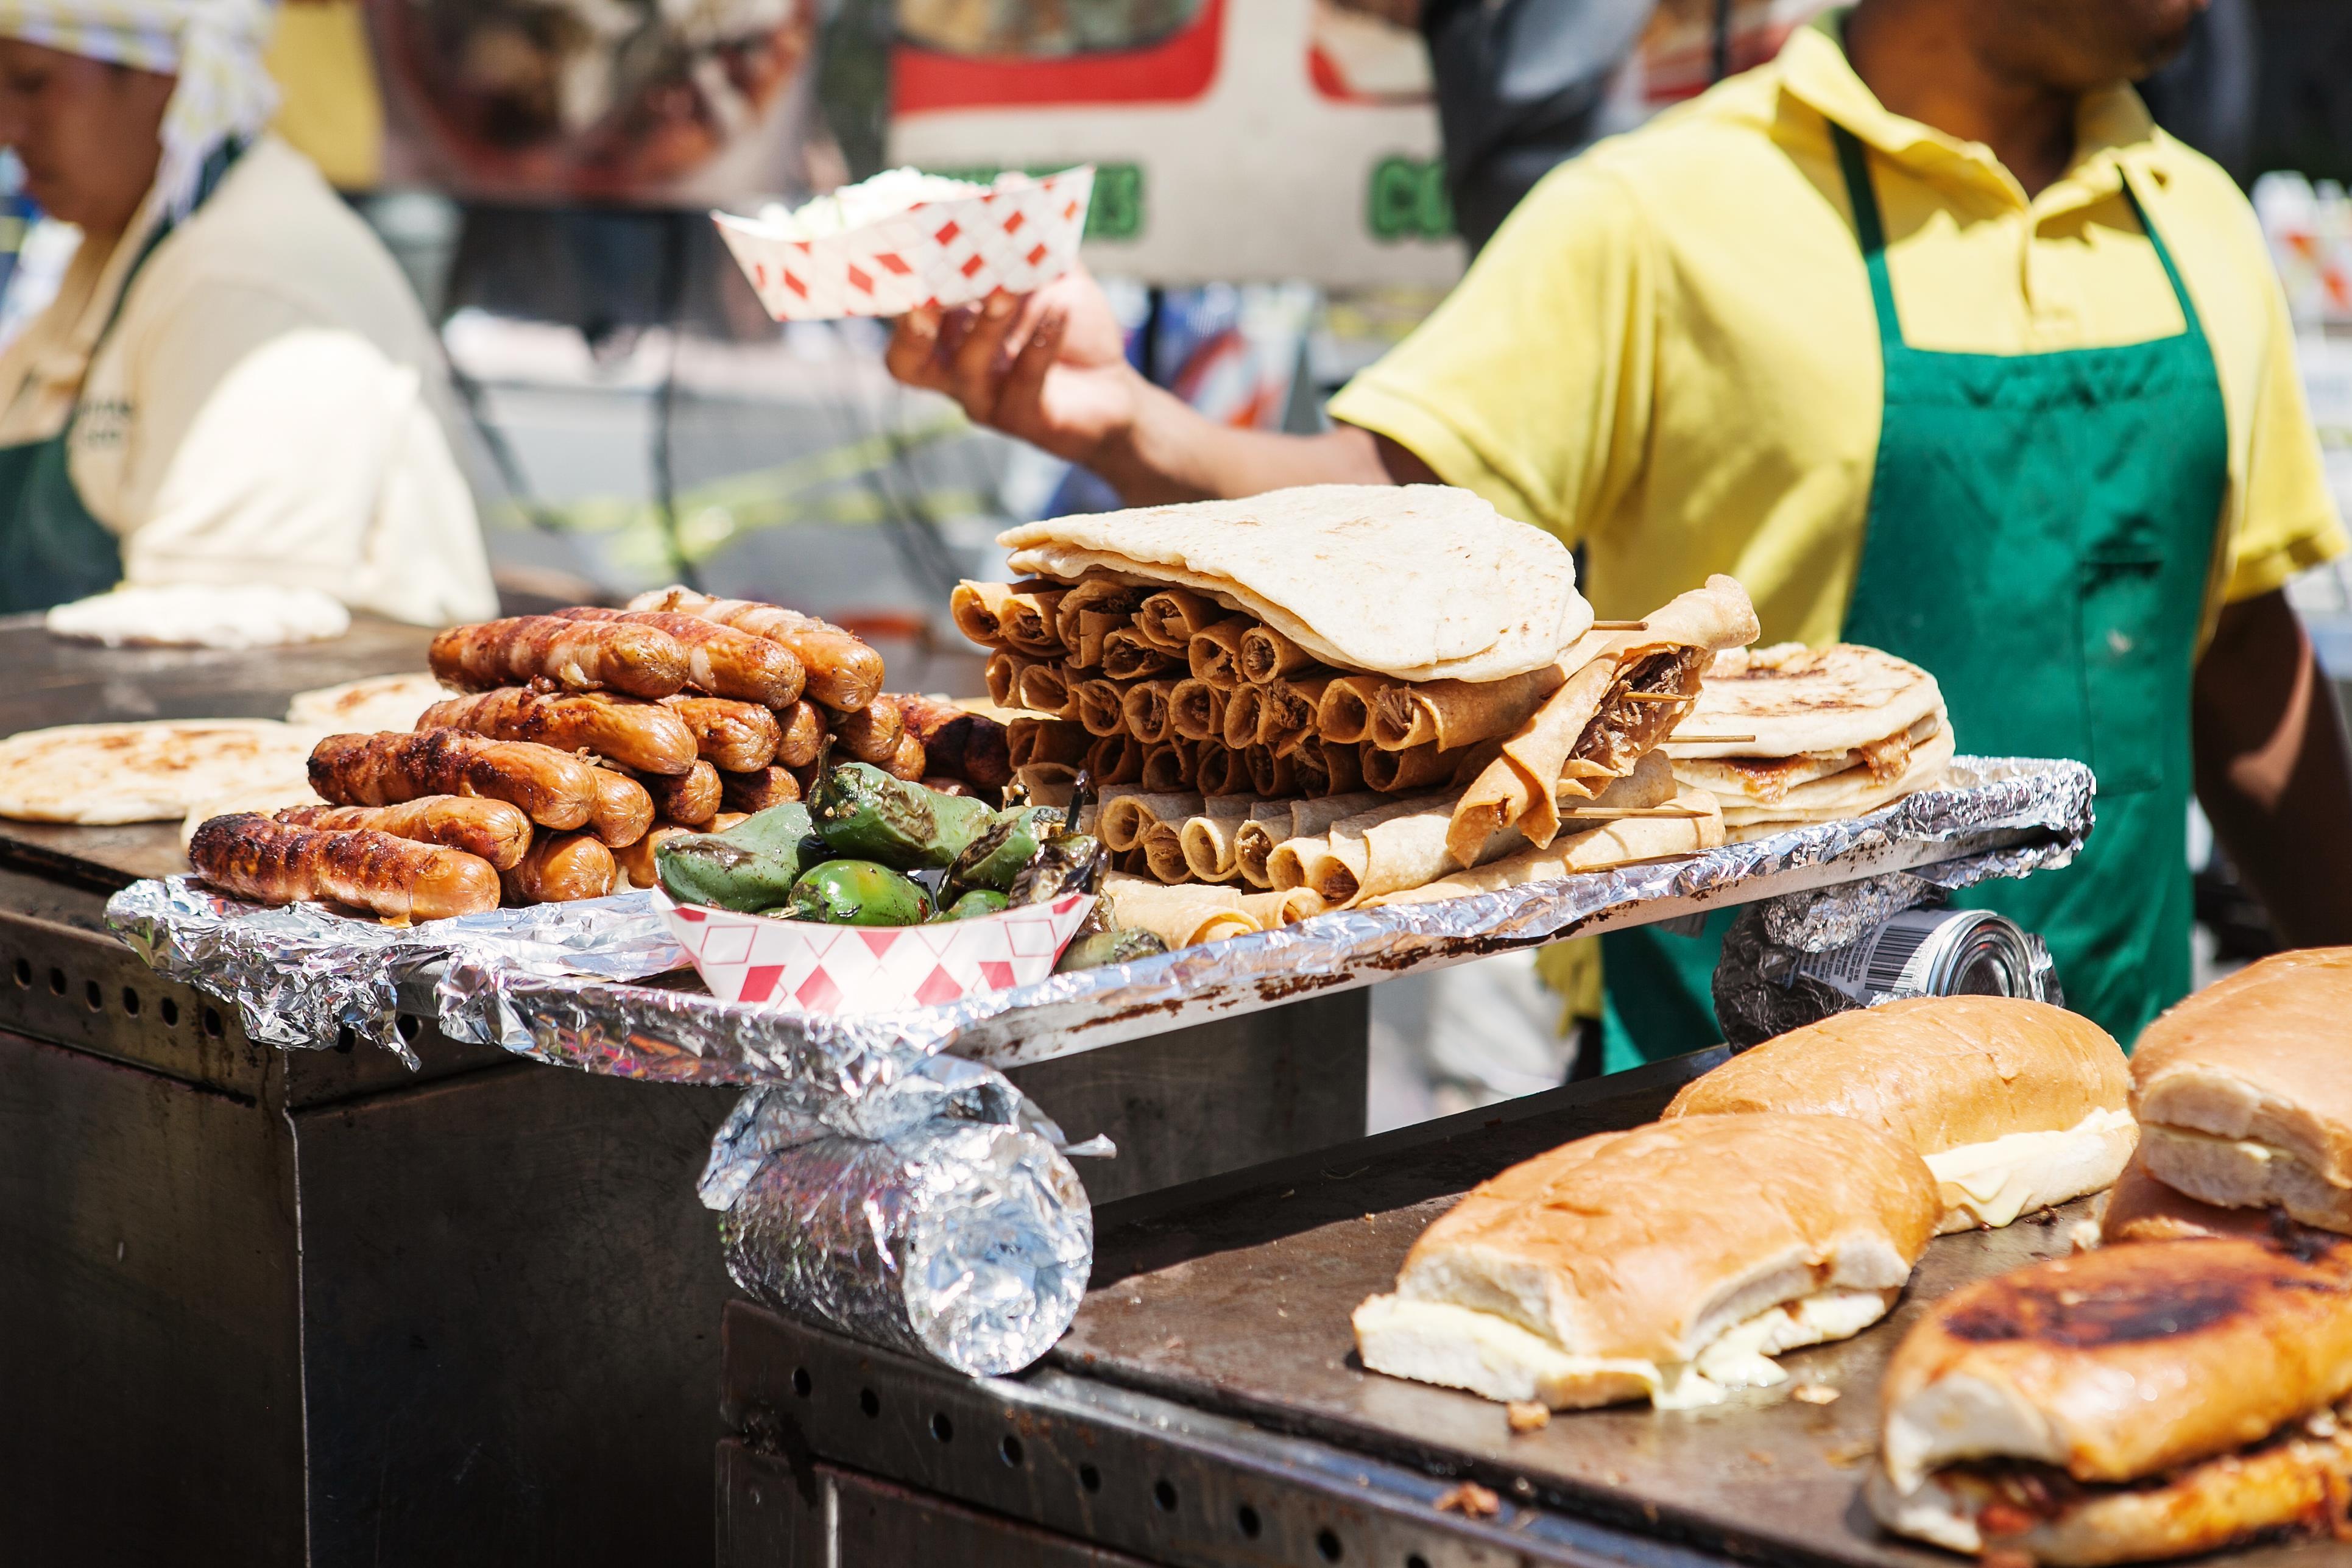 La comida de puestos móviles puede deteriorar tu salud